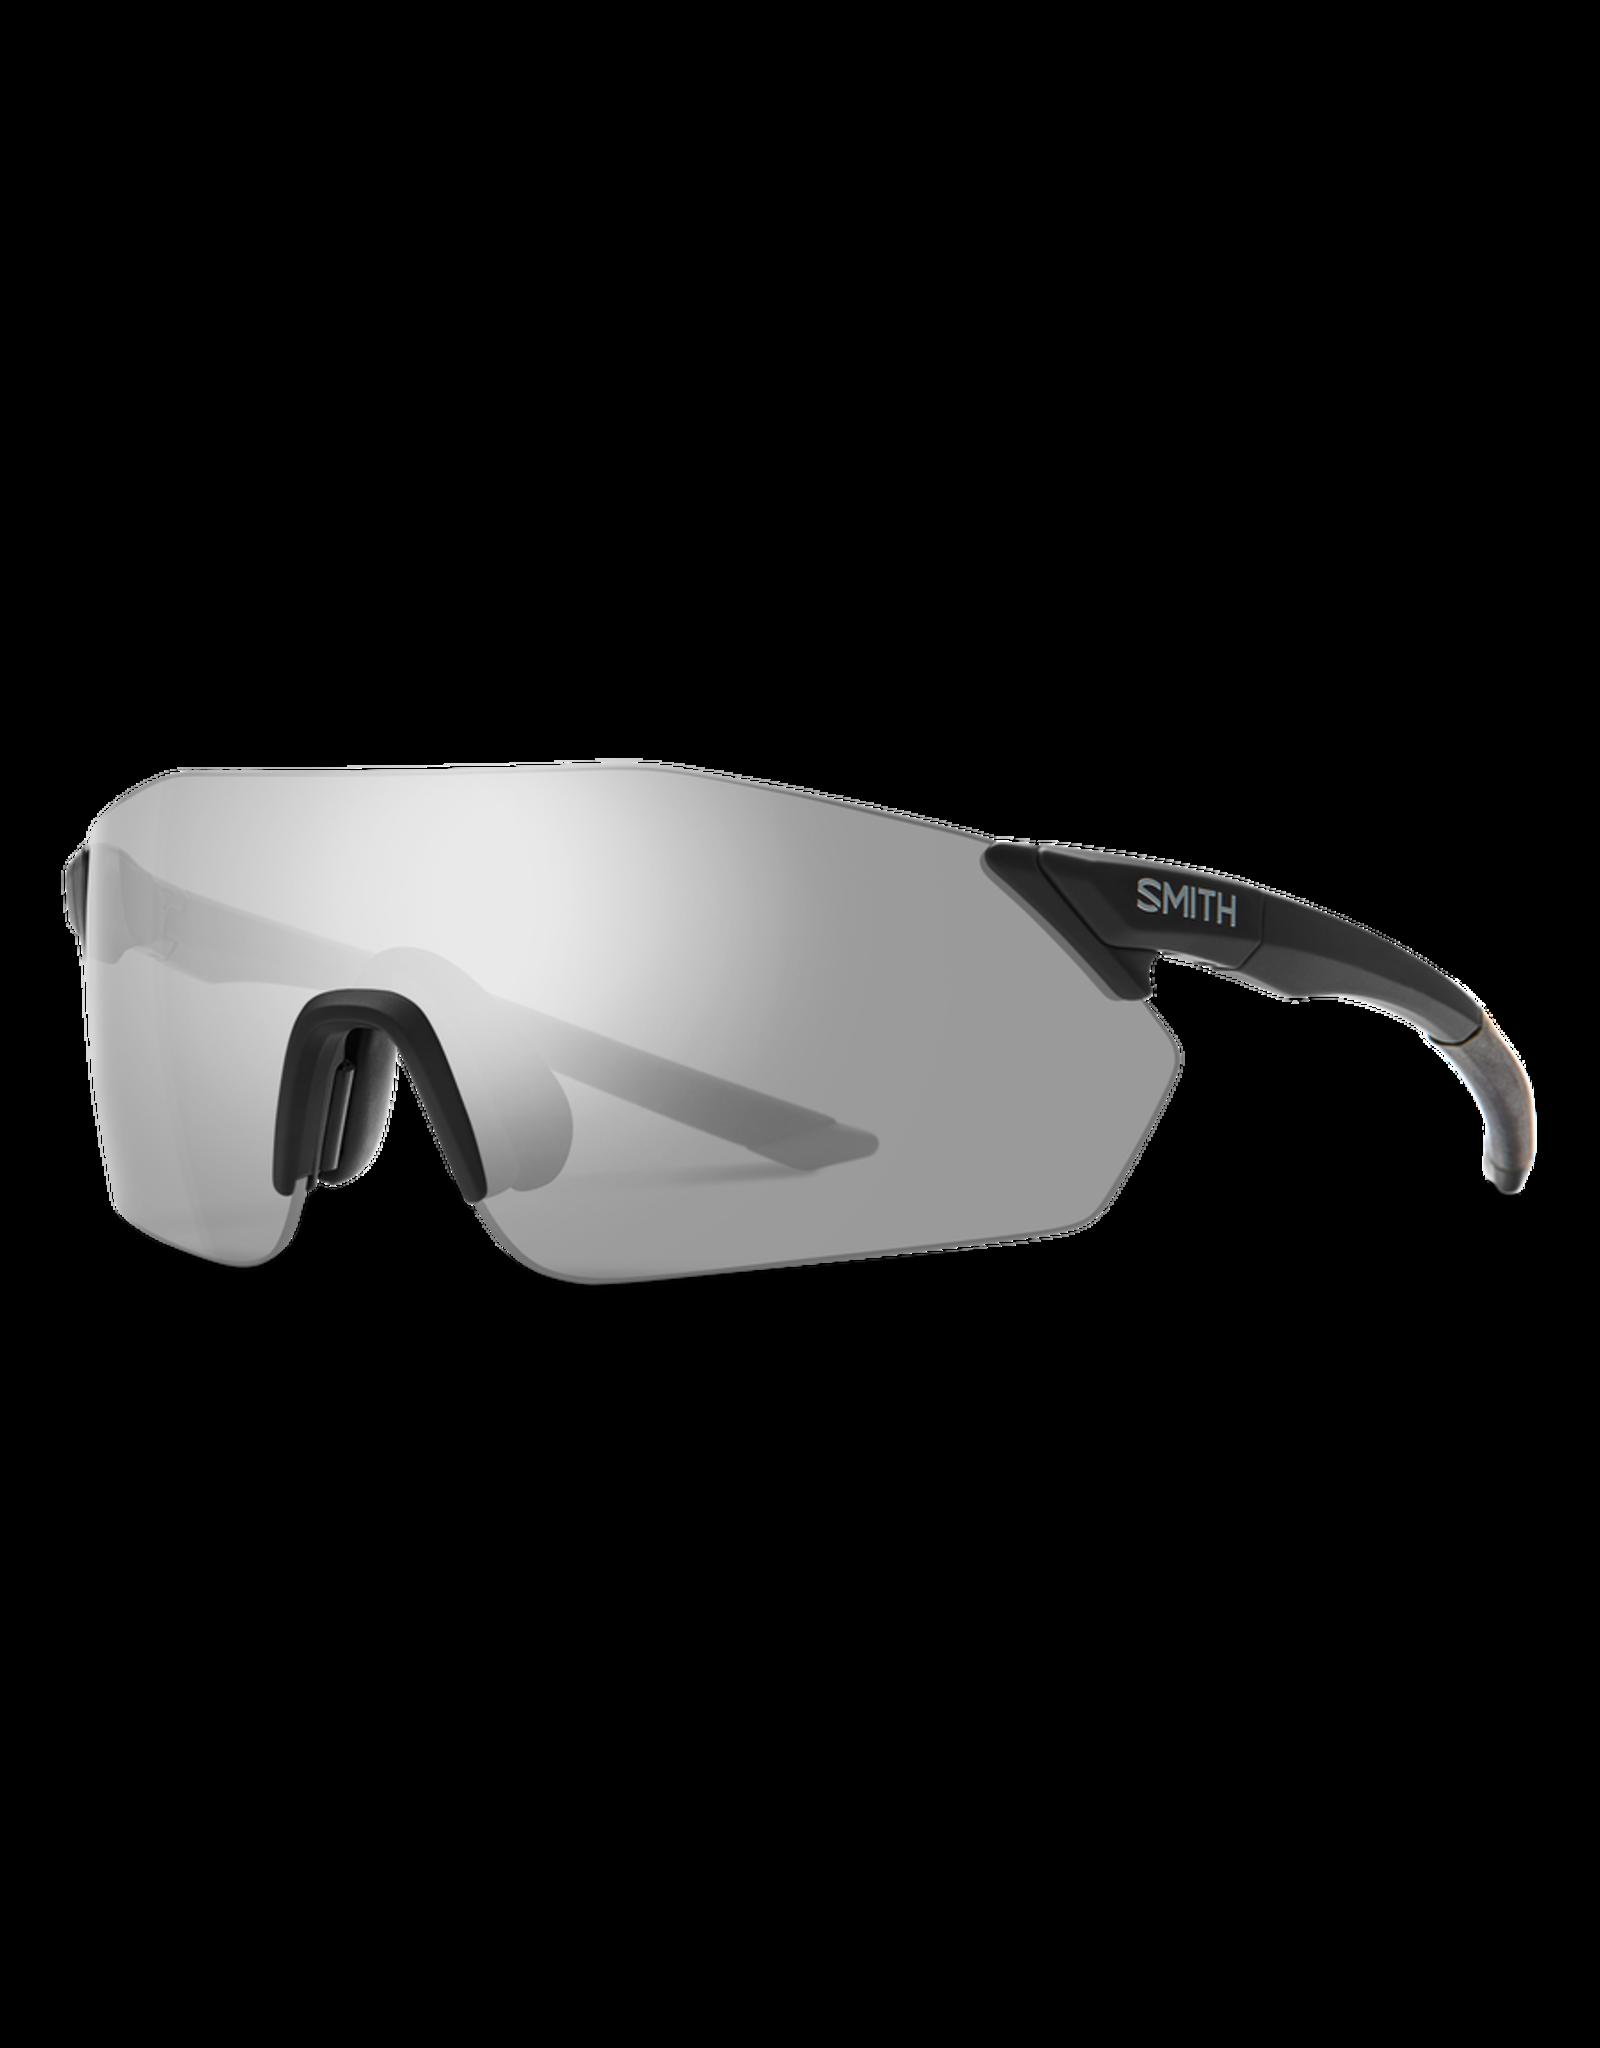 Smith SMITH, Sunglasses, Reverb, Black Frame, Chromapop Platinum Mirror Lens